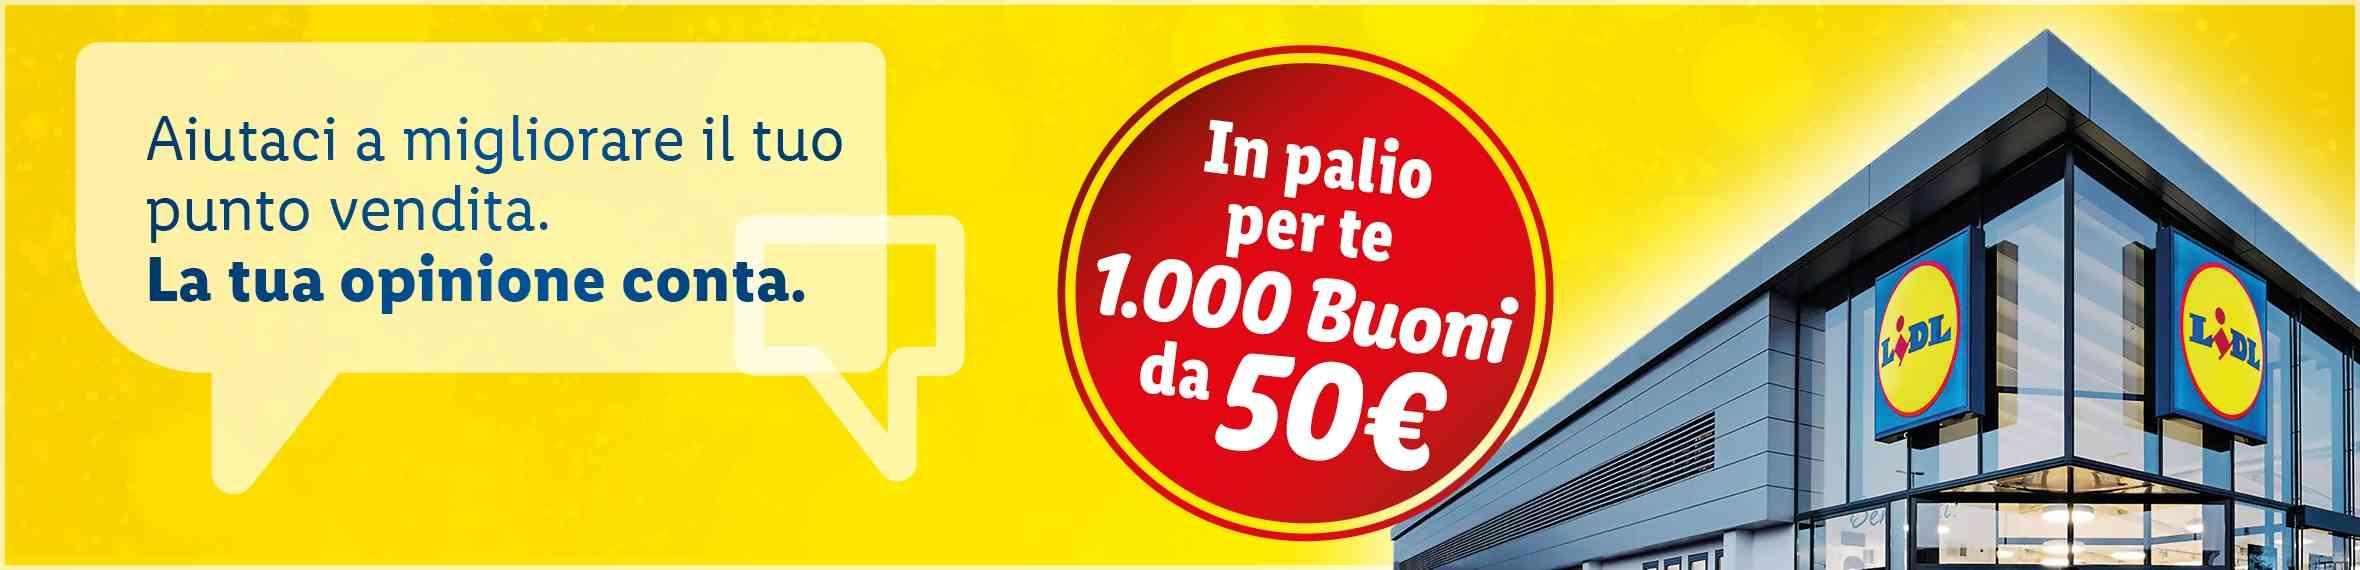 Lidl concorso la tua opinione conta vinci buoni da euro 50